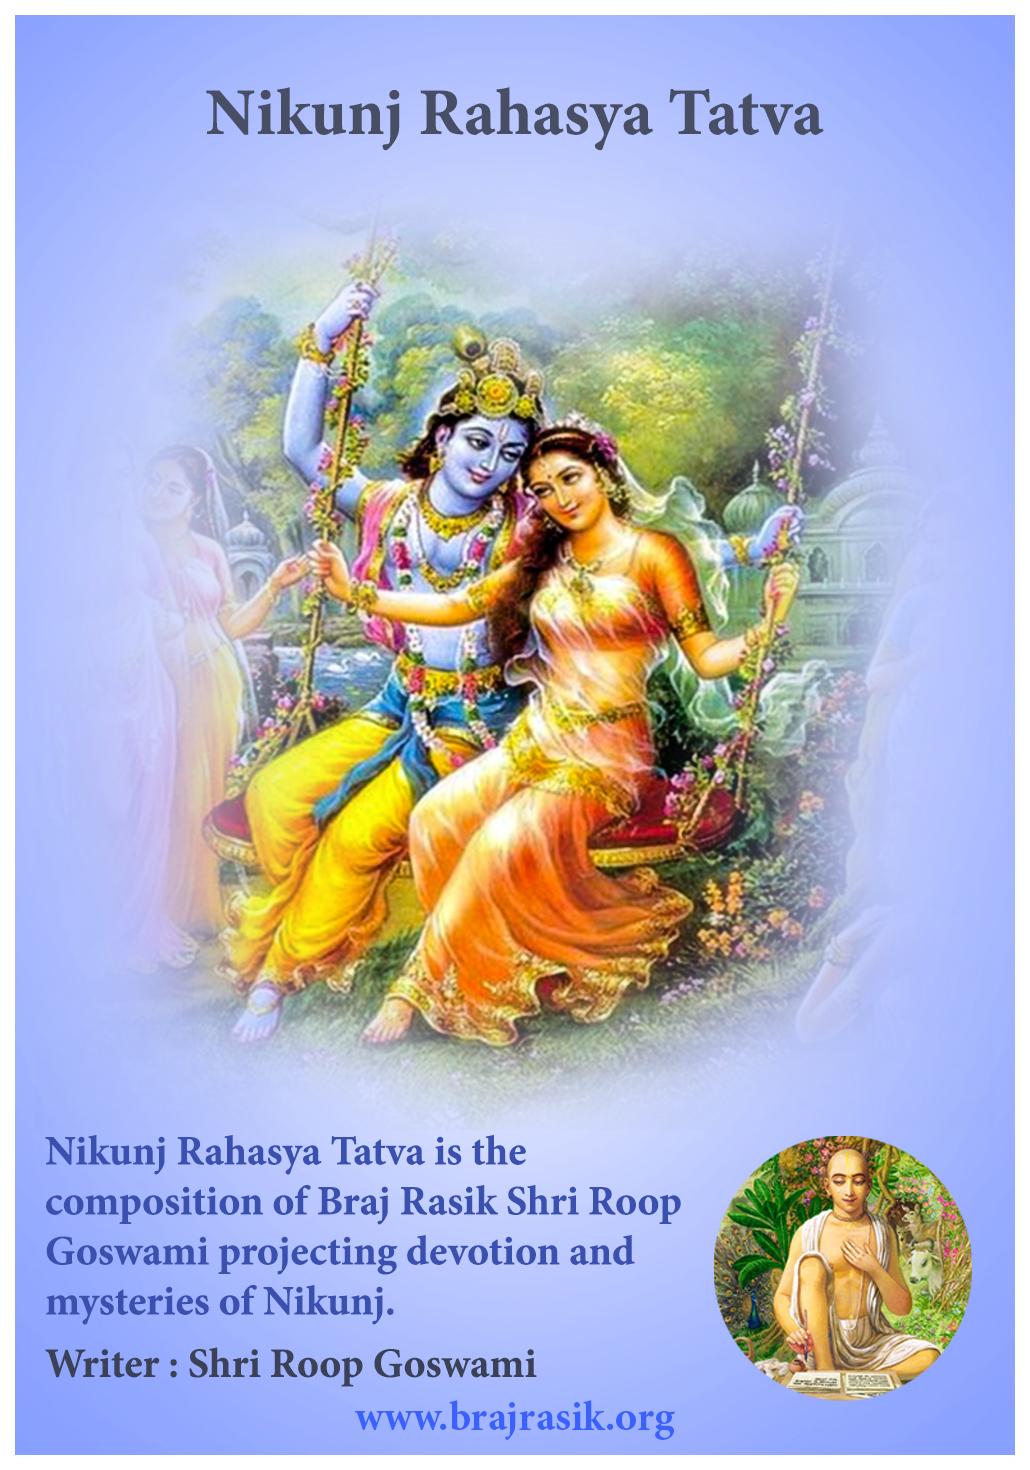 Nikunj Rahasya Tatva